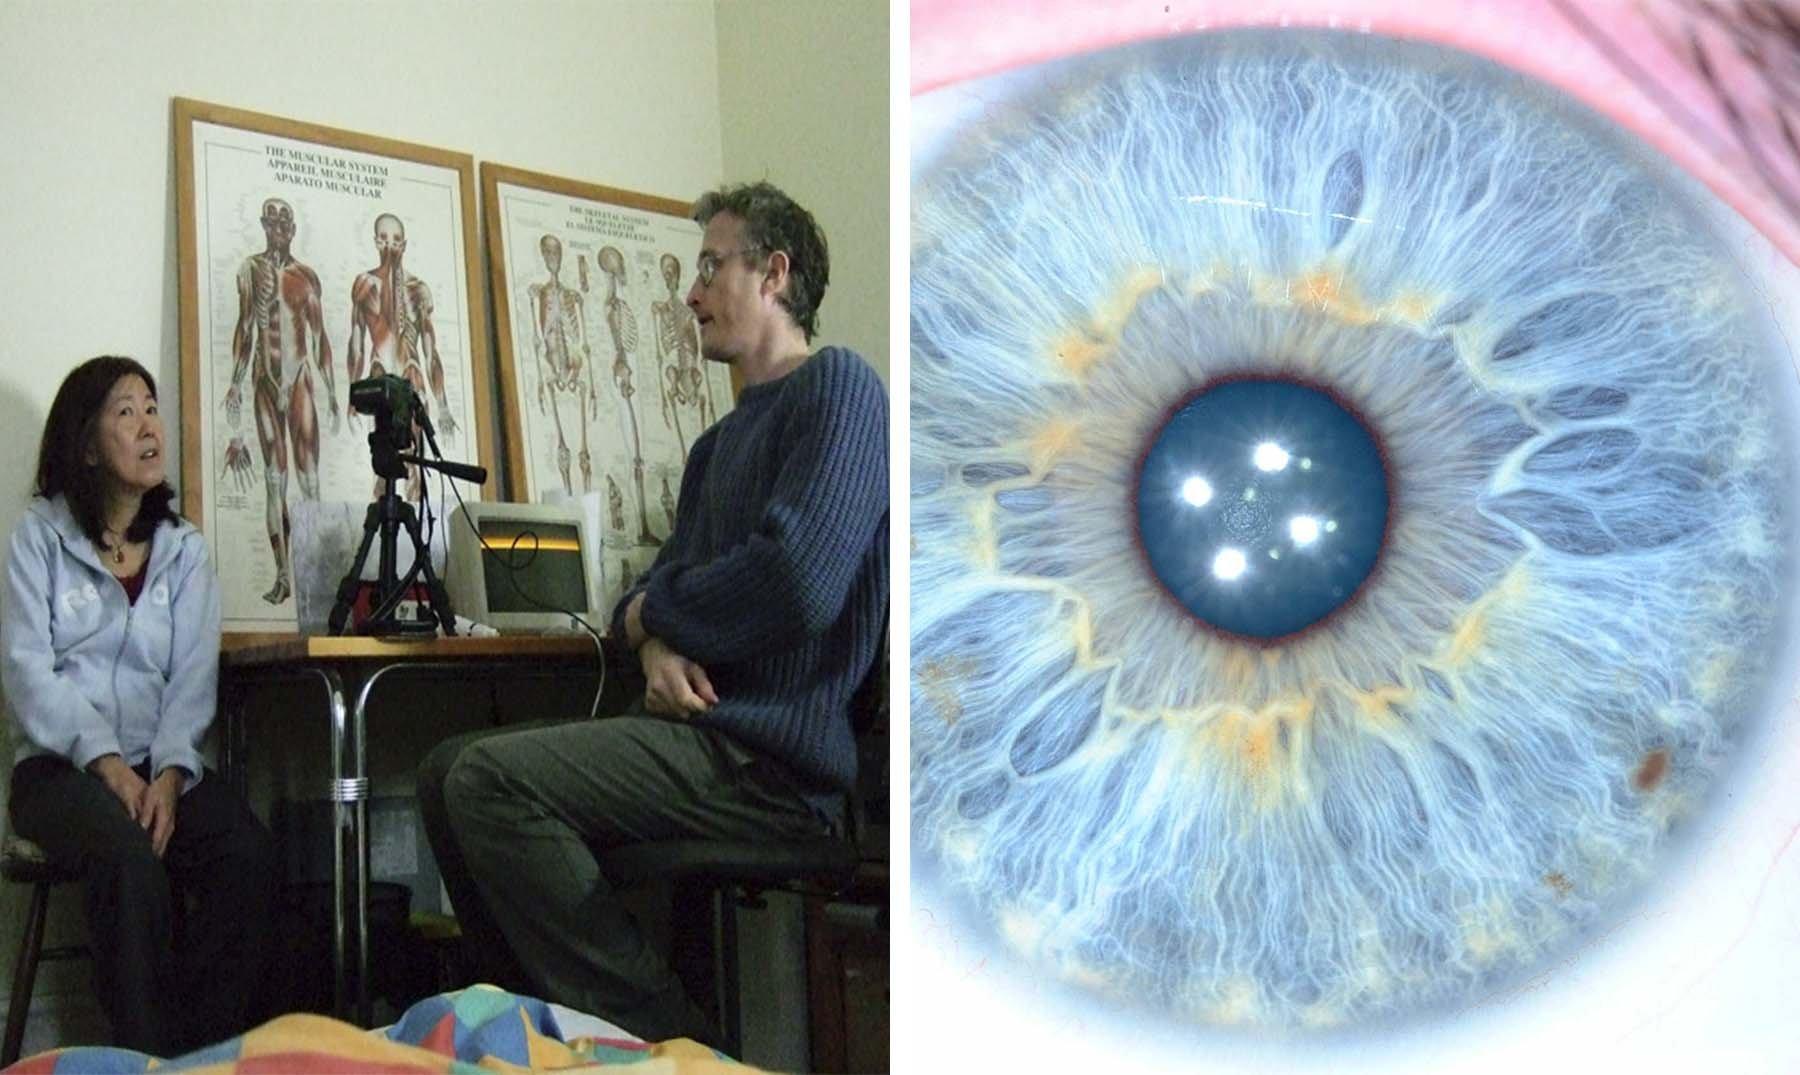 ¿Te someterías a una iridología? ¿Sabes qué es?